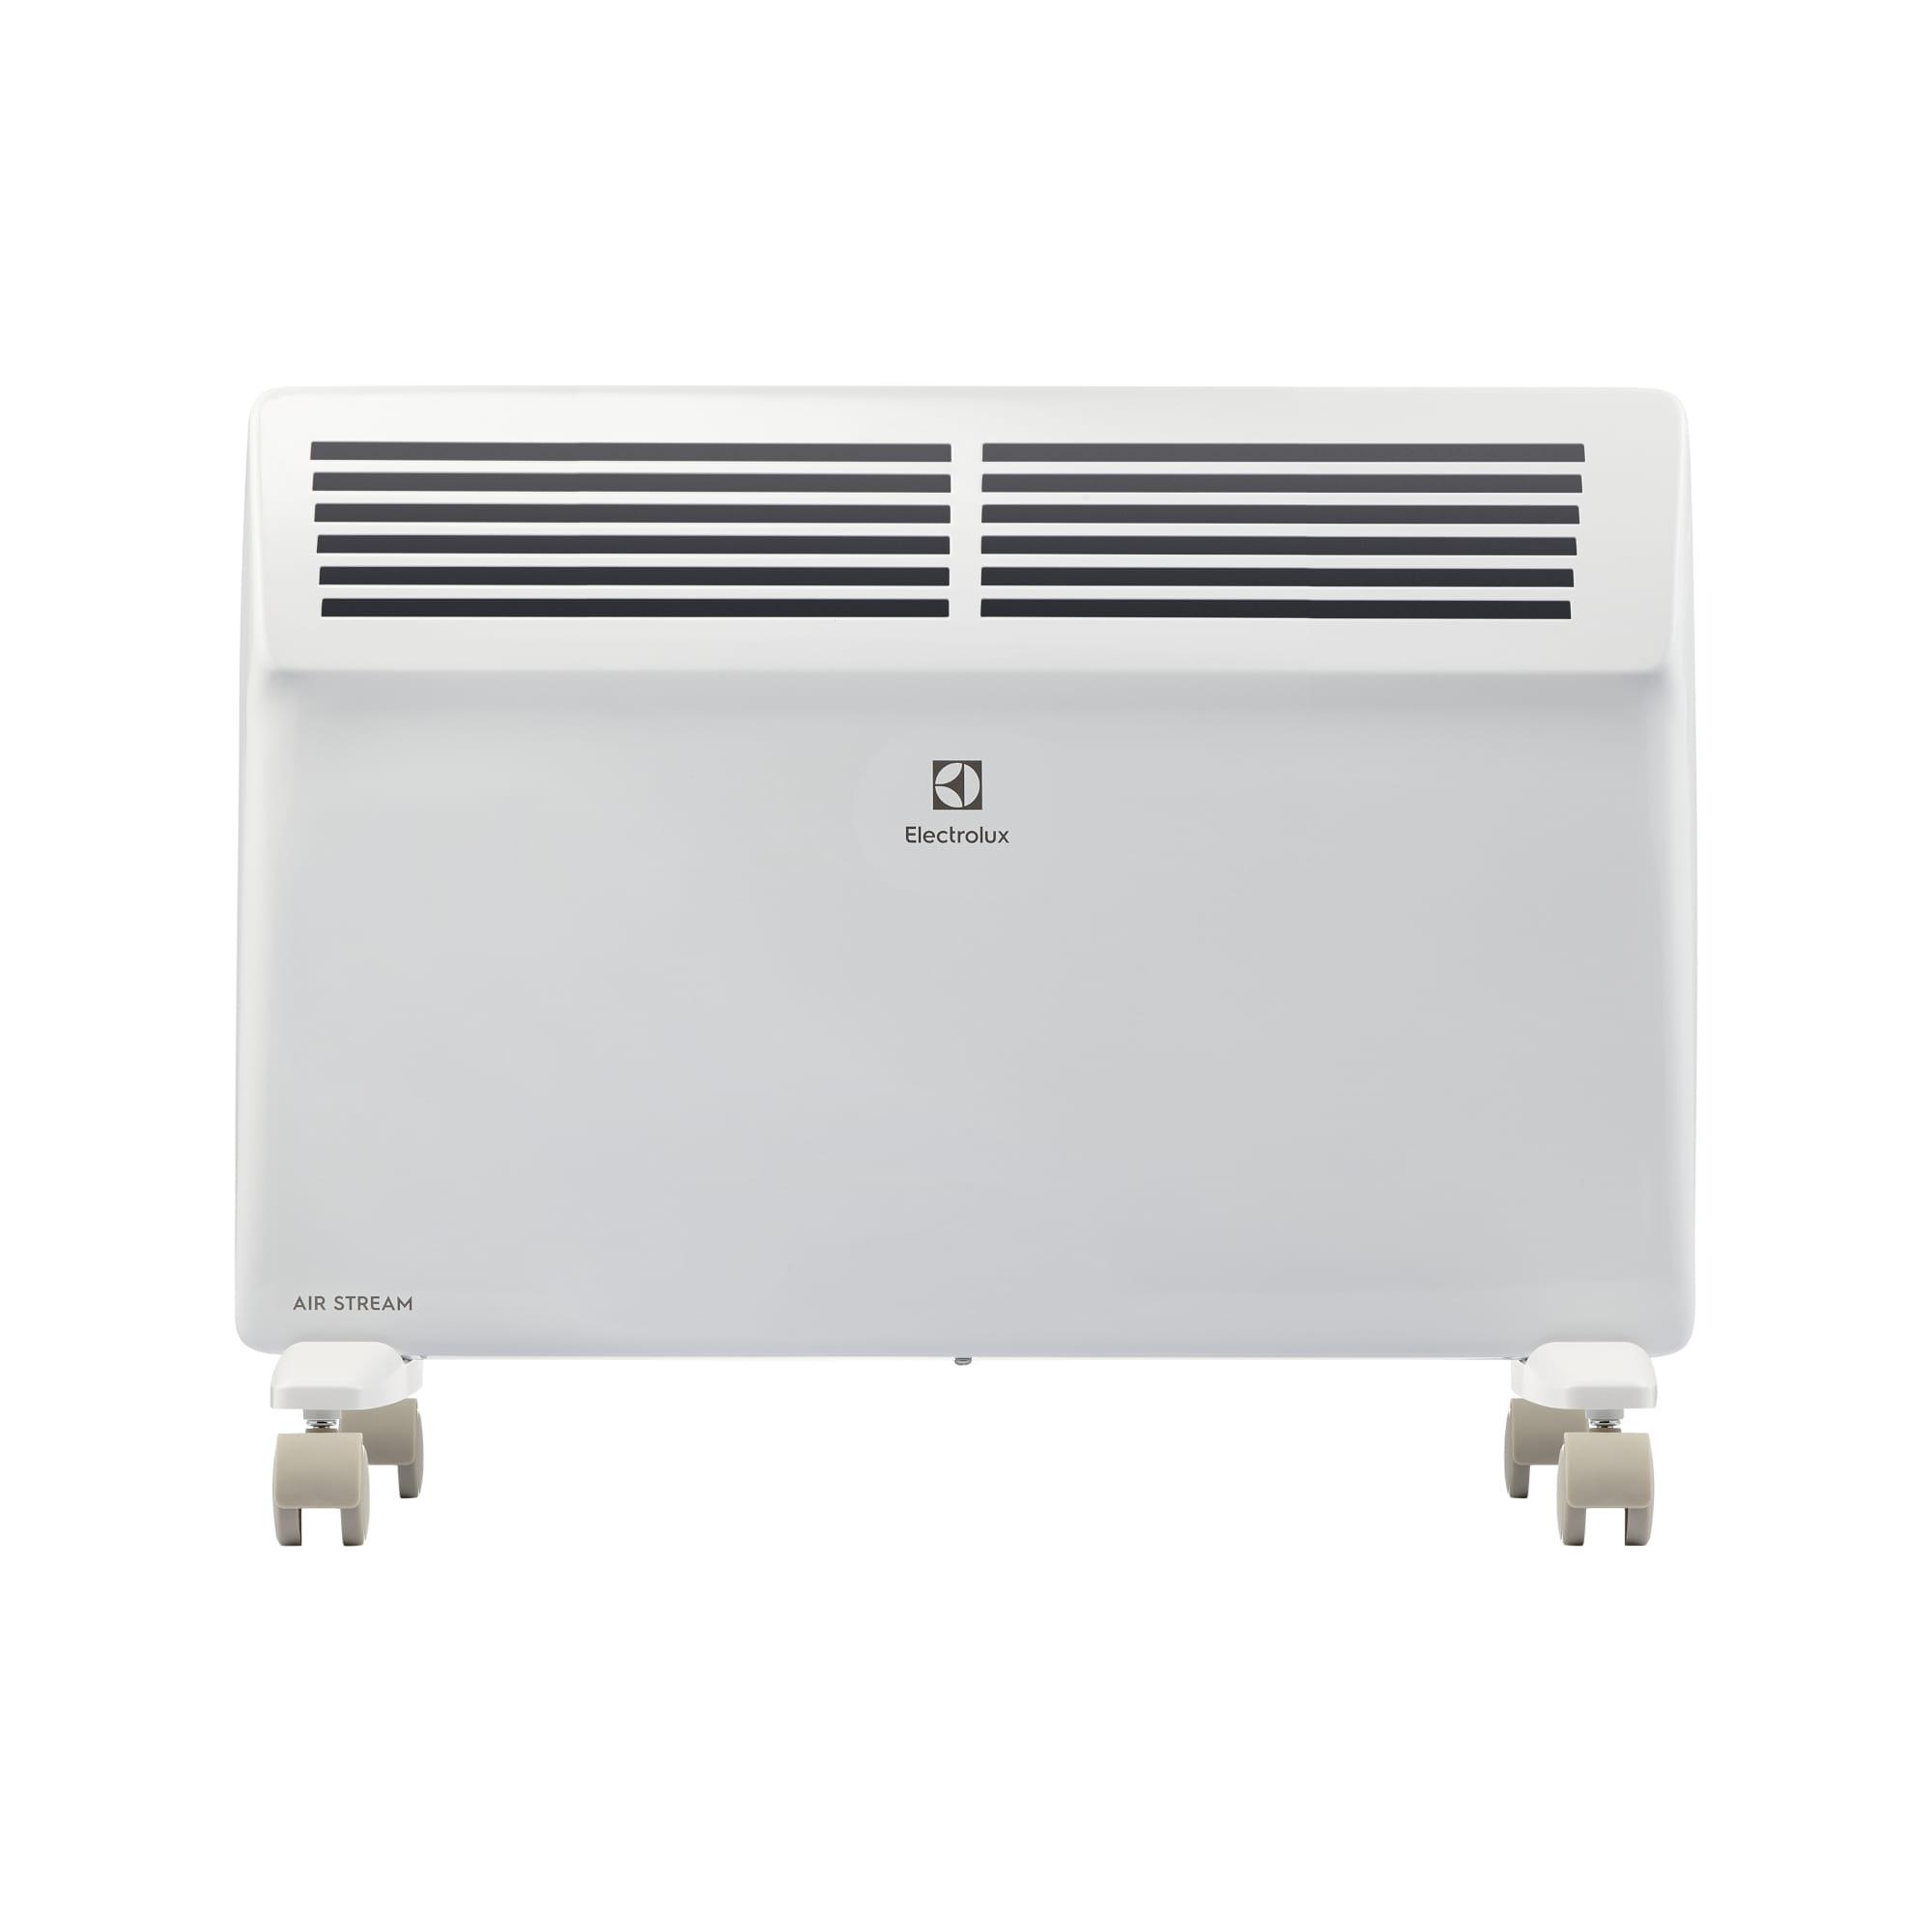 Конвектор Electrolux Air Stream ECH/AS-1500 ER